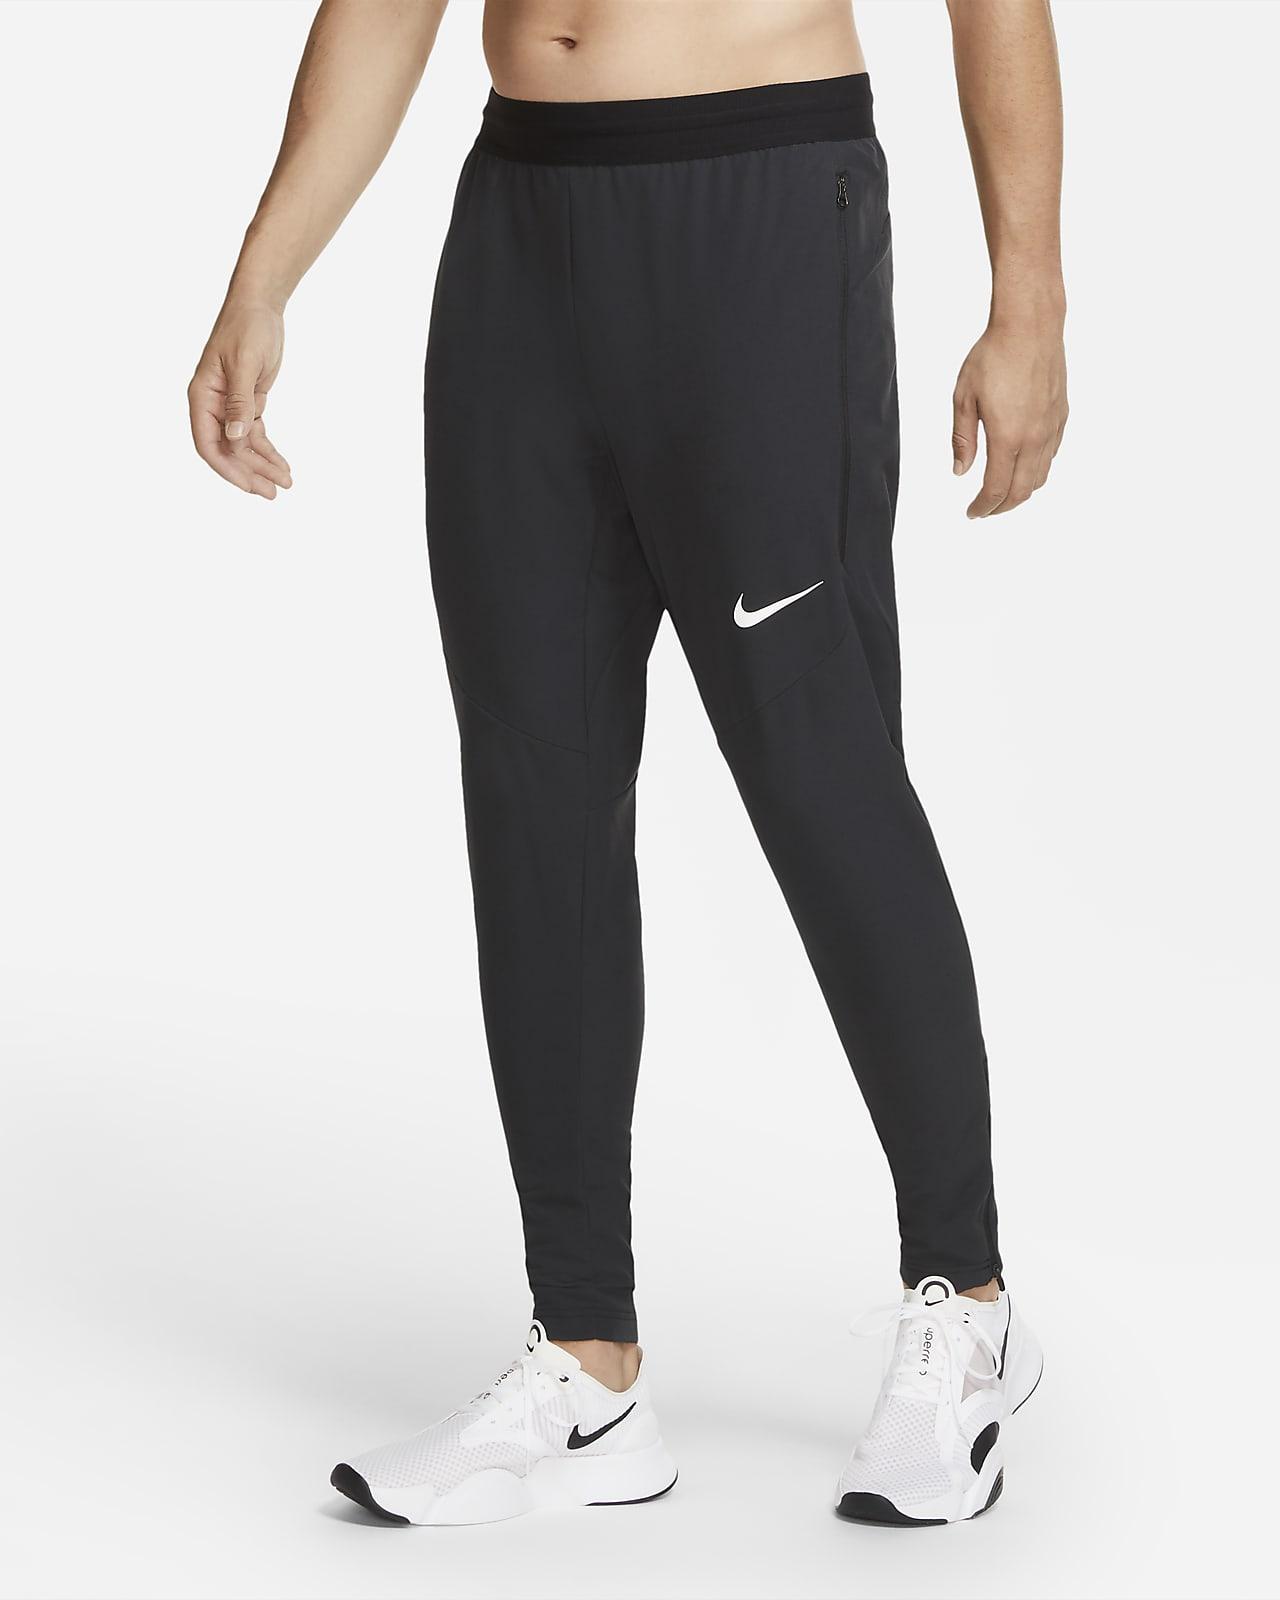 Nike Men's Winterized Woven Training Pants